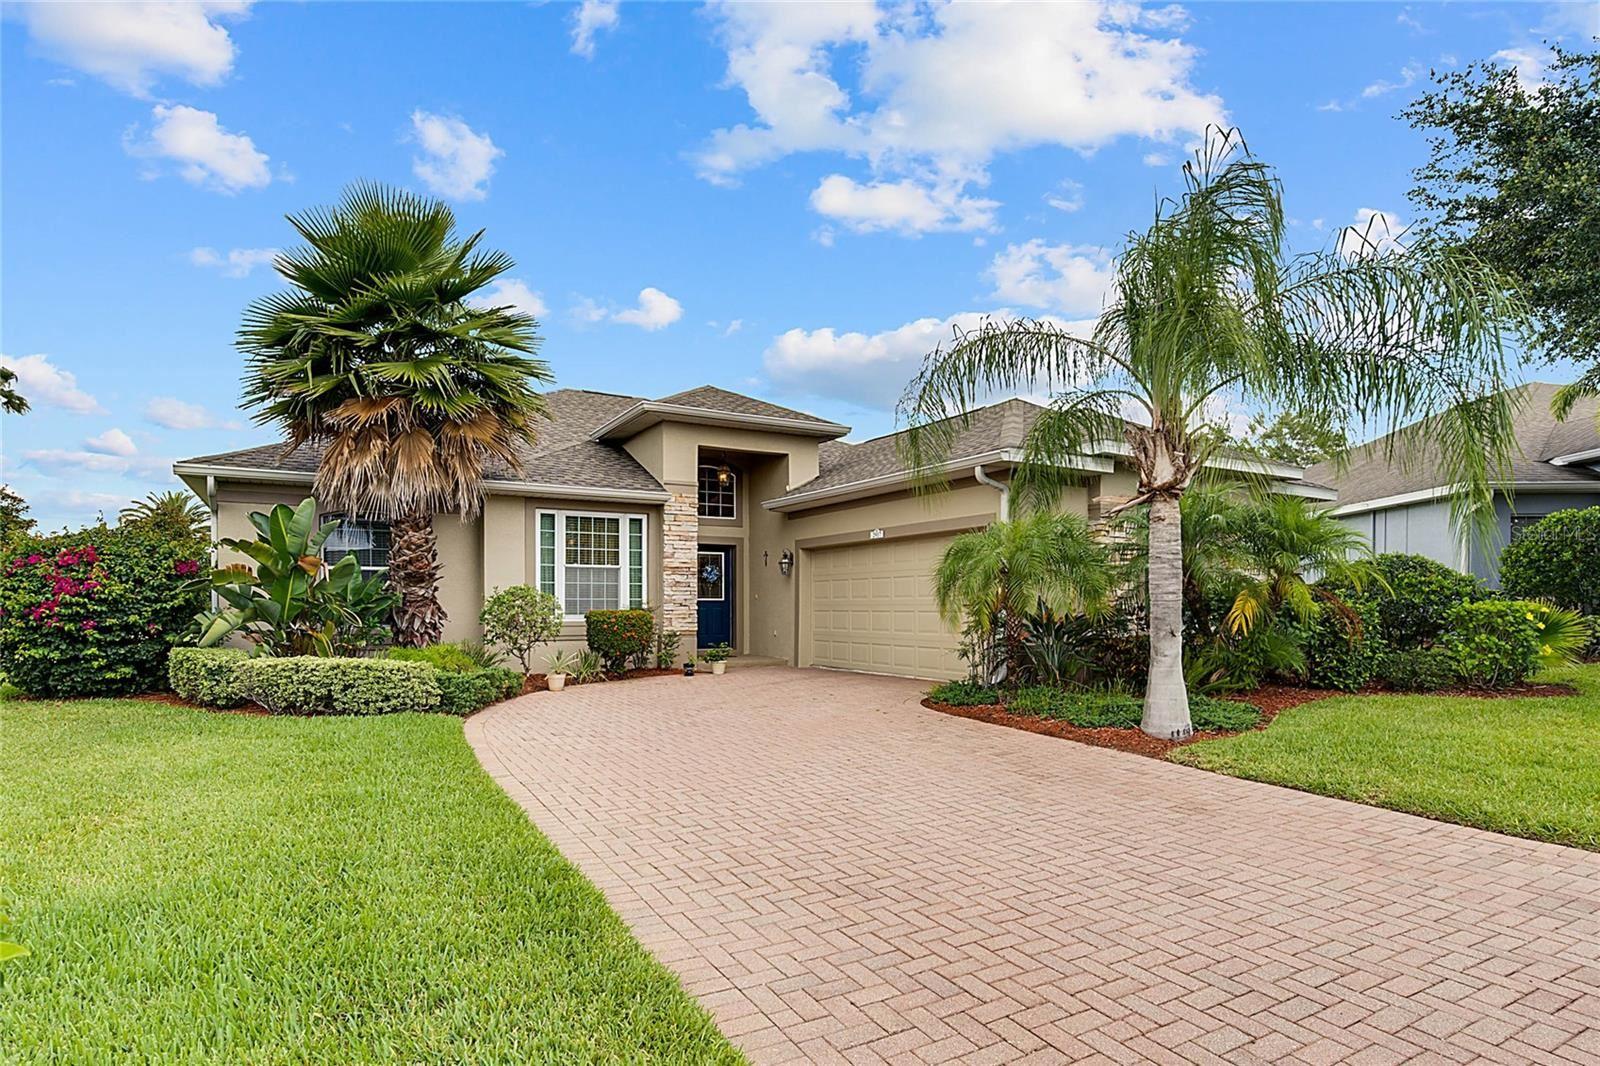 2917 DAYTON DRIVE, Winter Haven, FL 33884 - #: P4916186